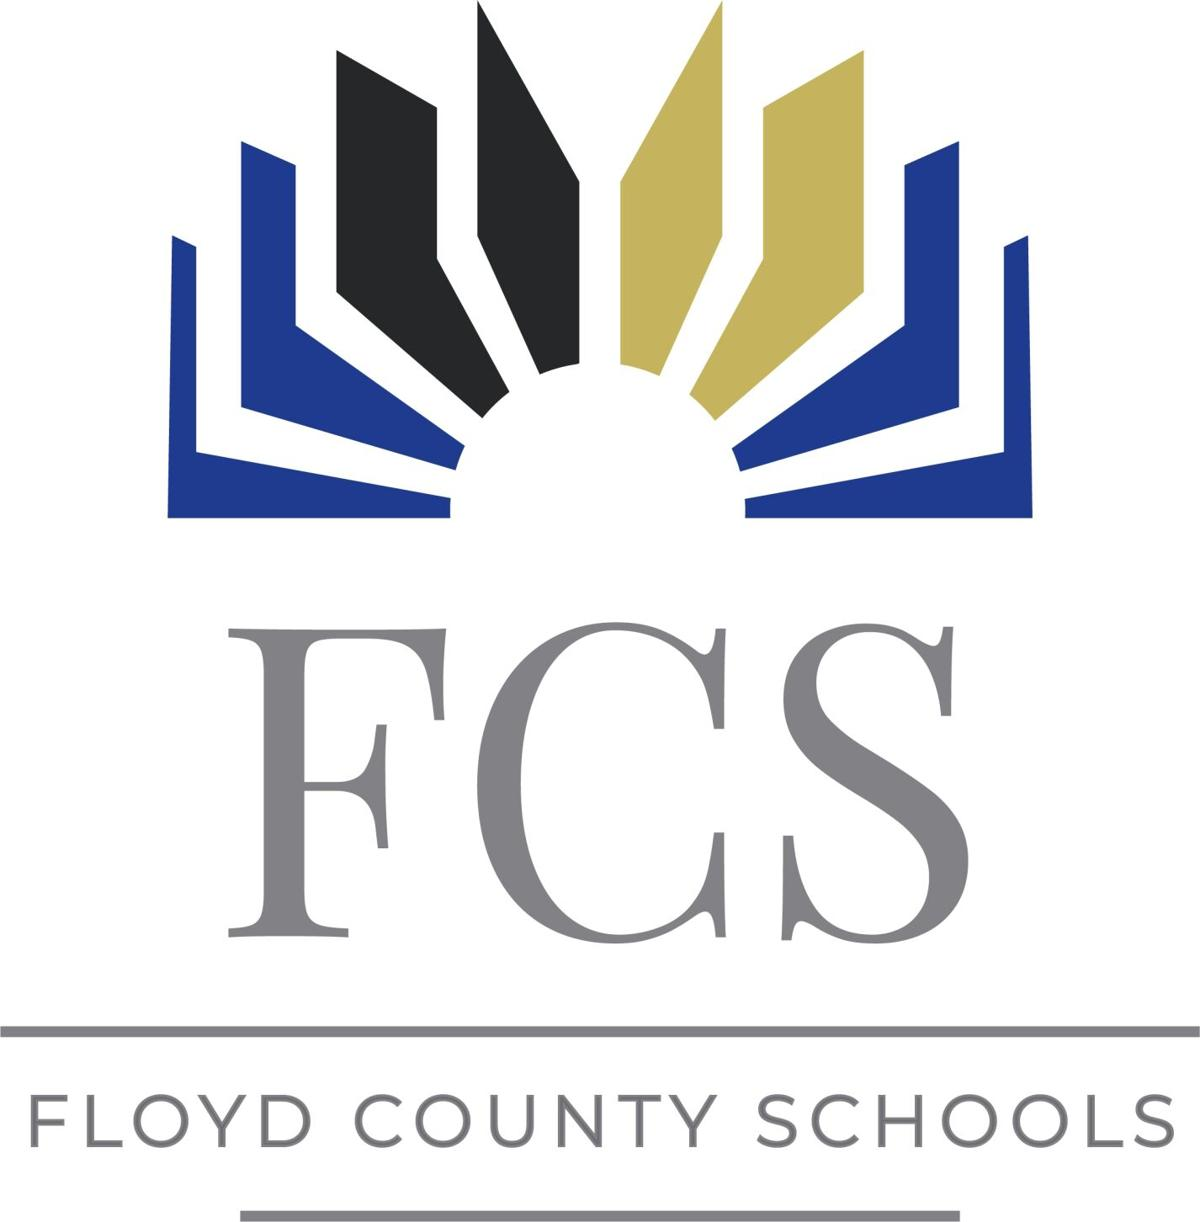 Floyd County Schools logo